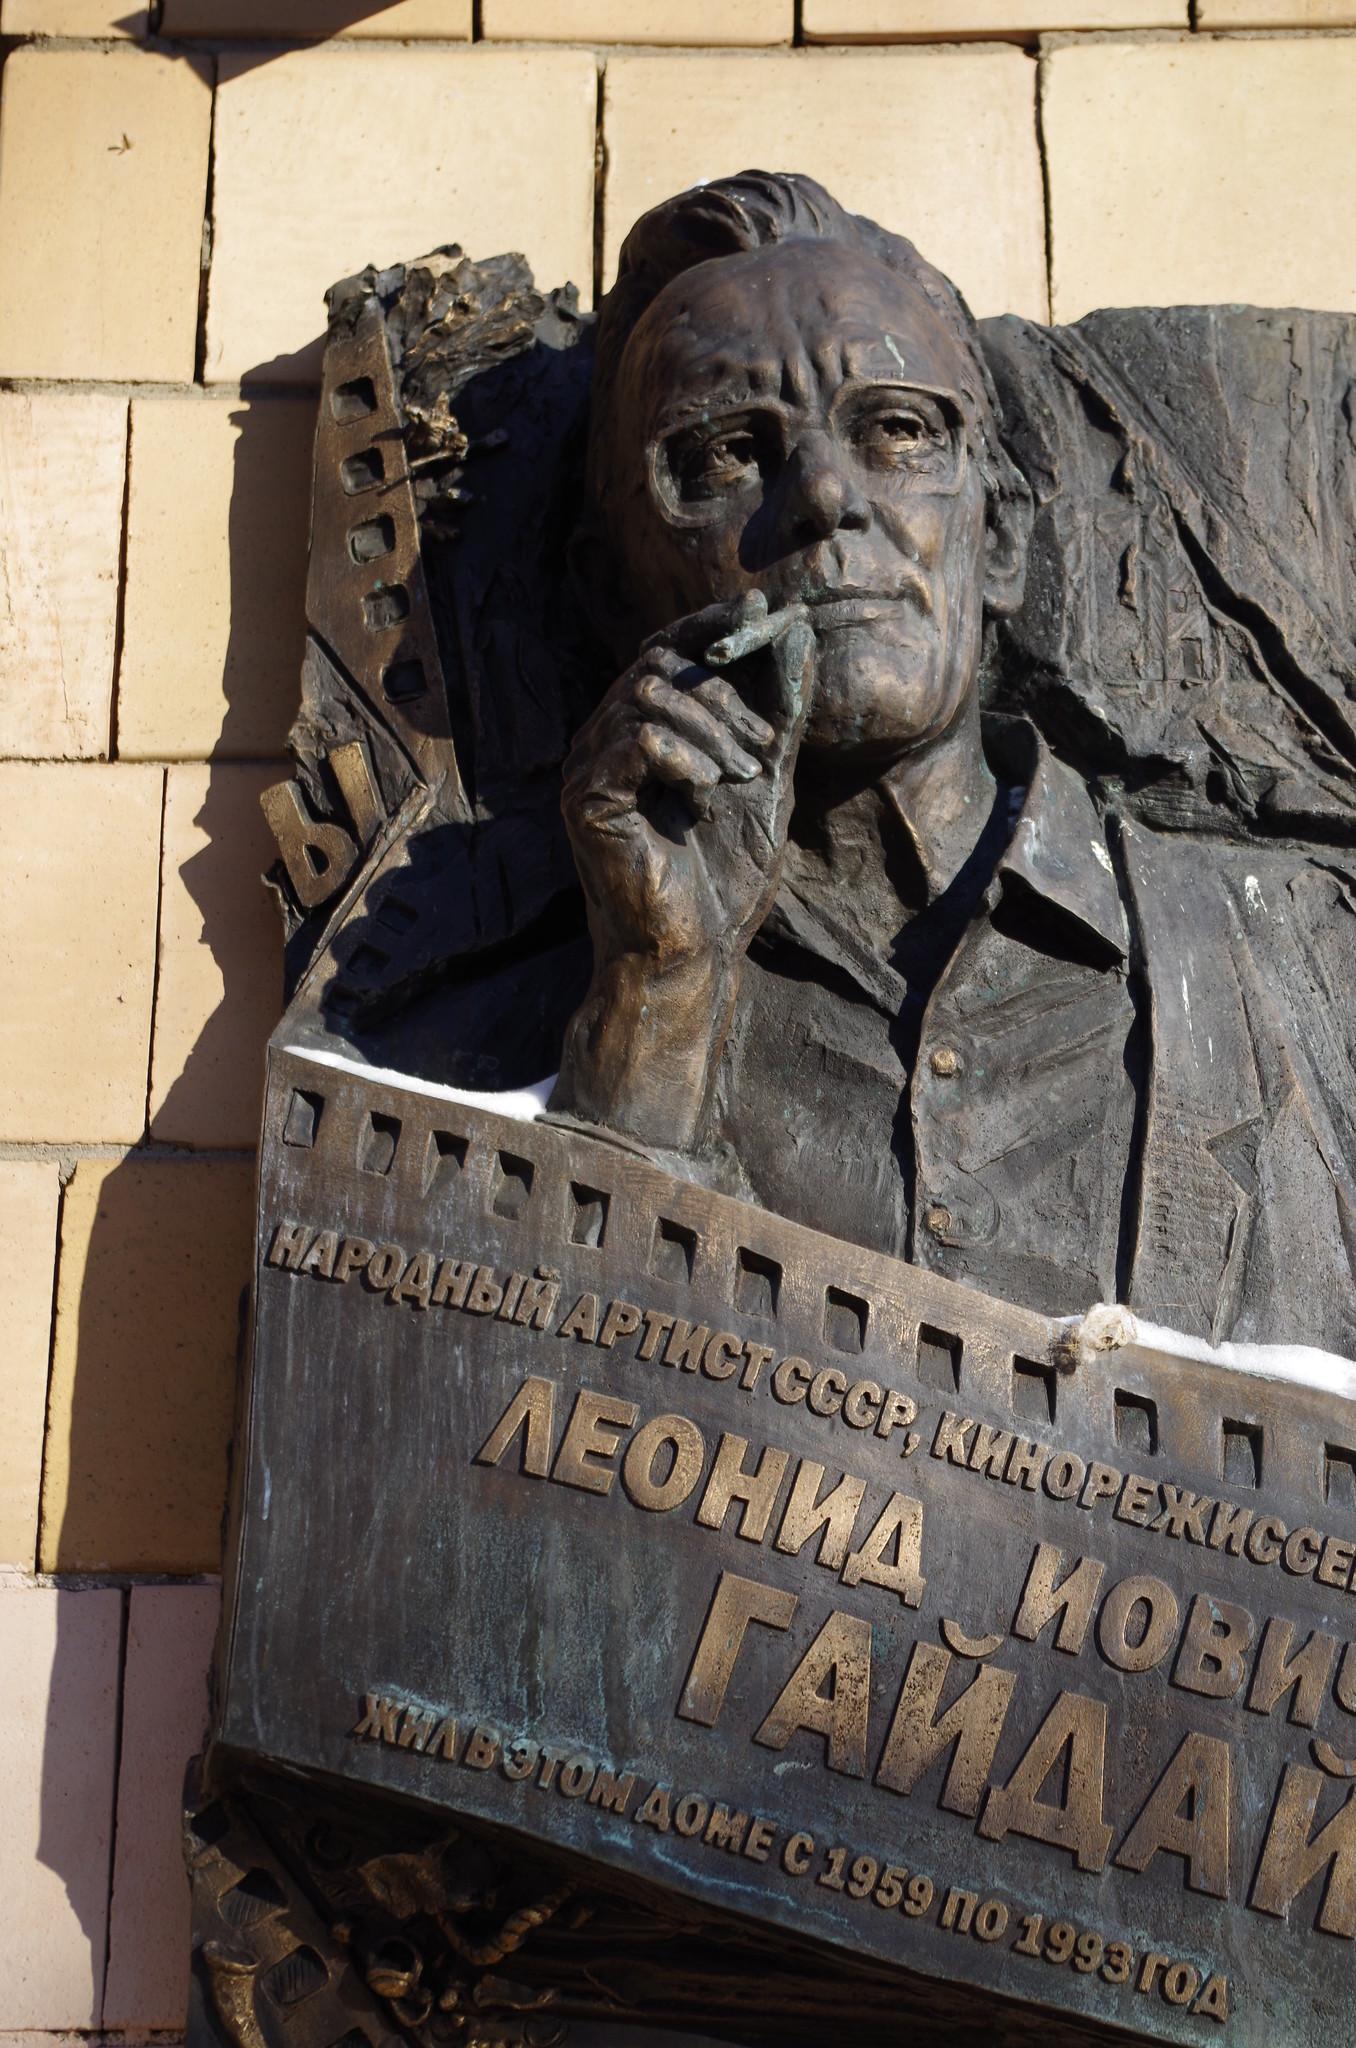 Мемориальная доска на фасаде дома (улица Черняховского, дом 5, корпус 1), где с 1959 года по 1993 год жил Народный артист СССР, кинорежиссёр Леонид Иович Гайдай